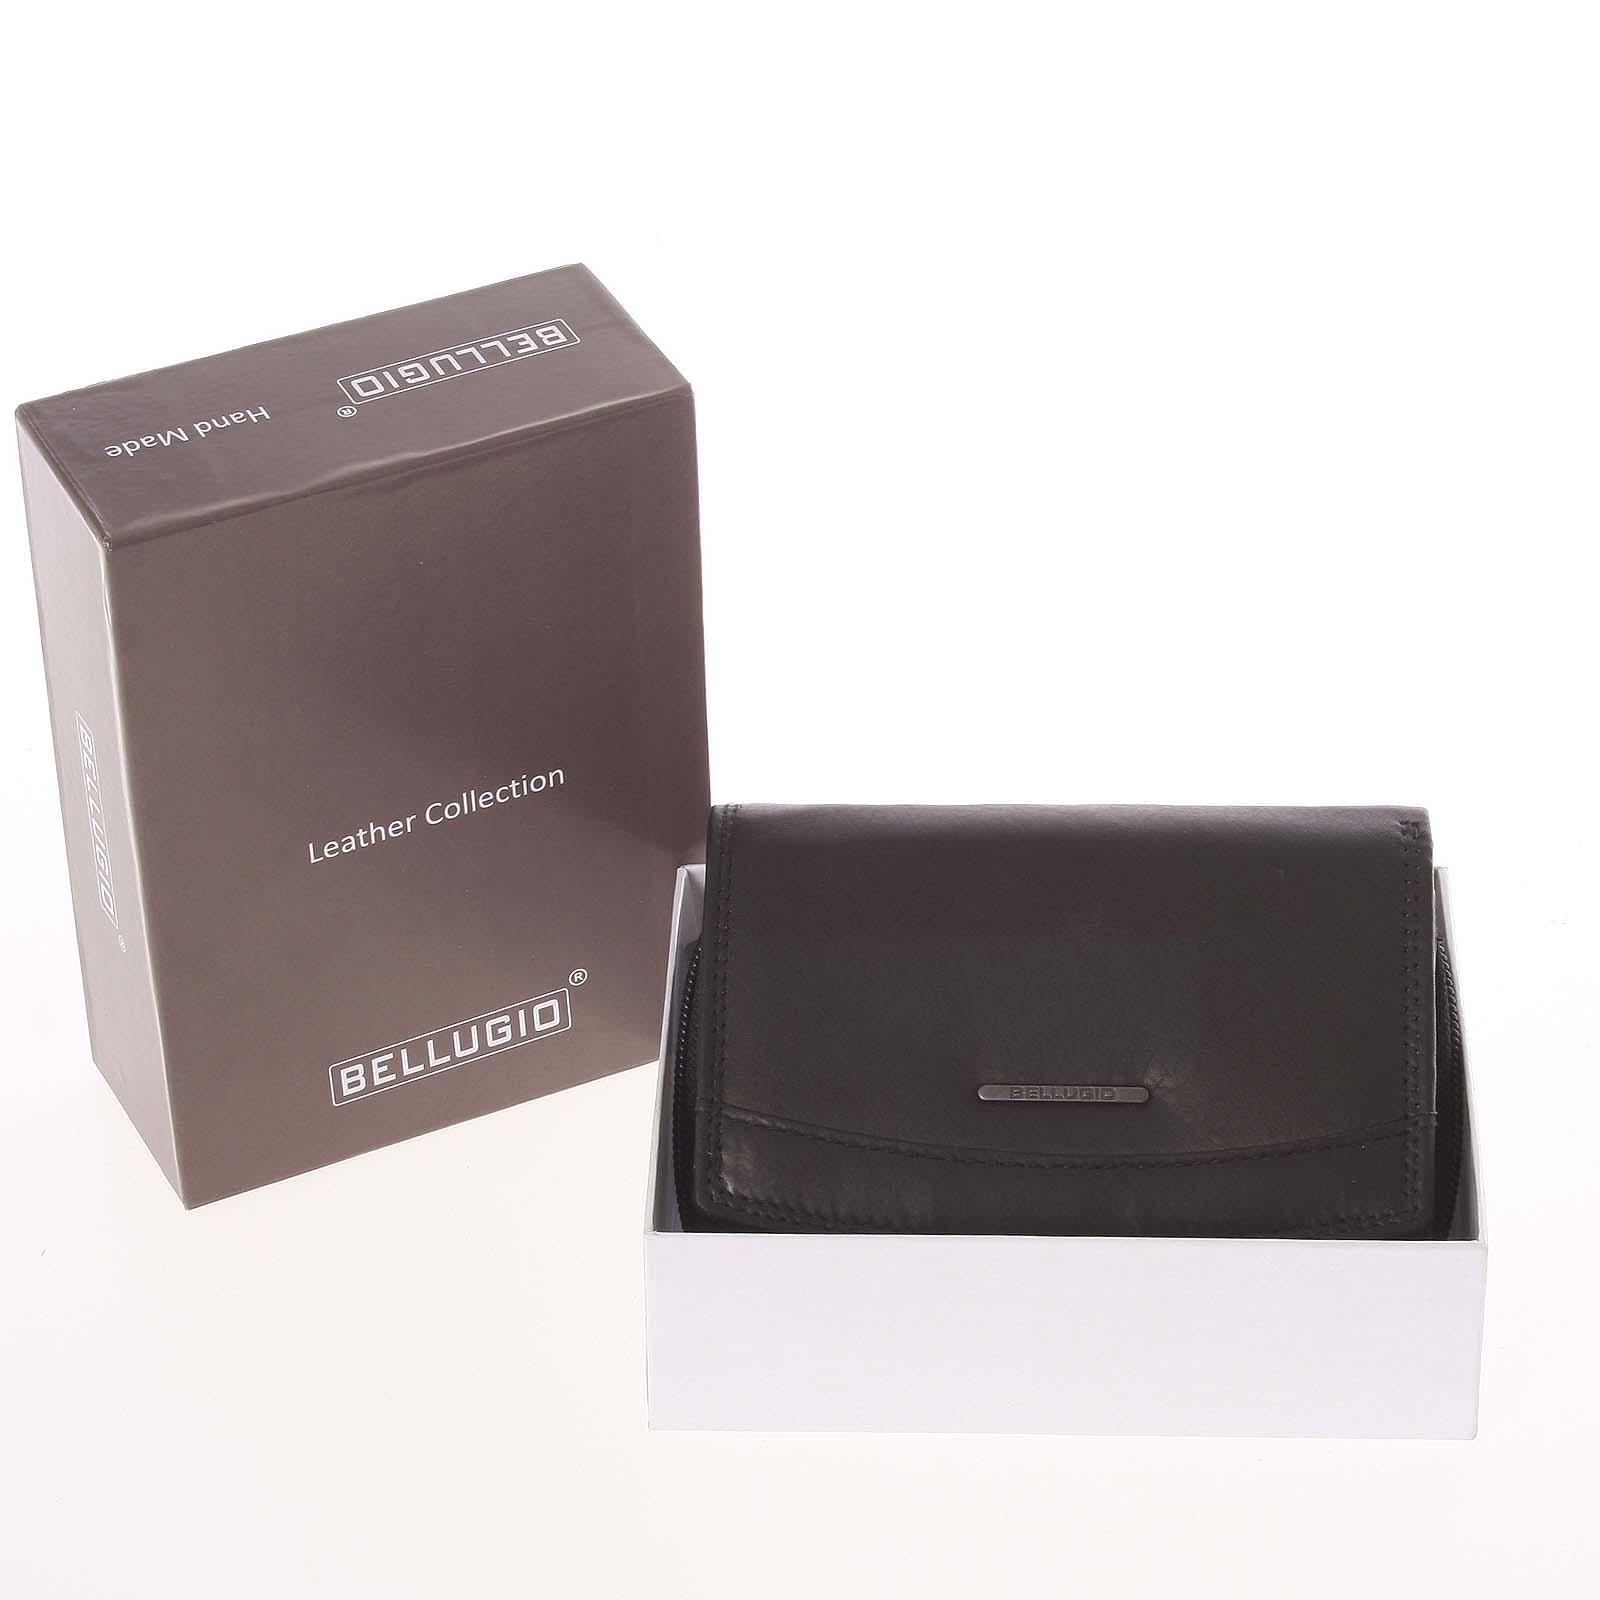 Štýlová kožená dámska peňaženka čierna - Bellugio Smith čierna